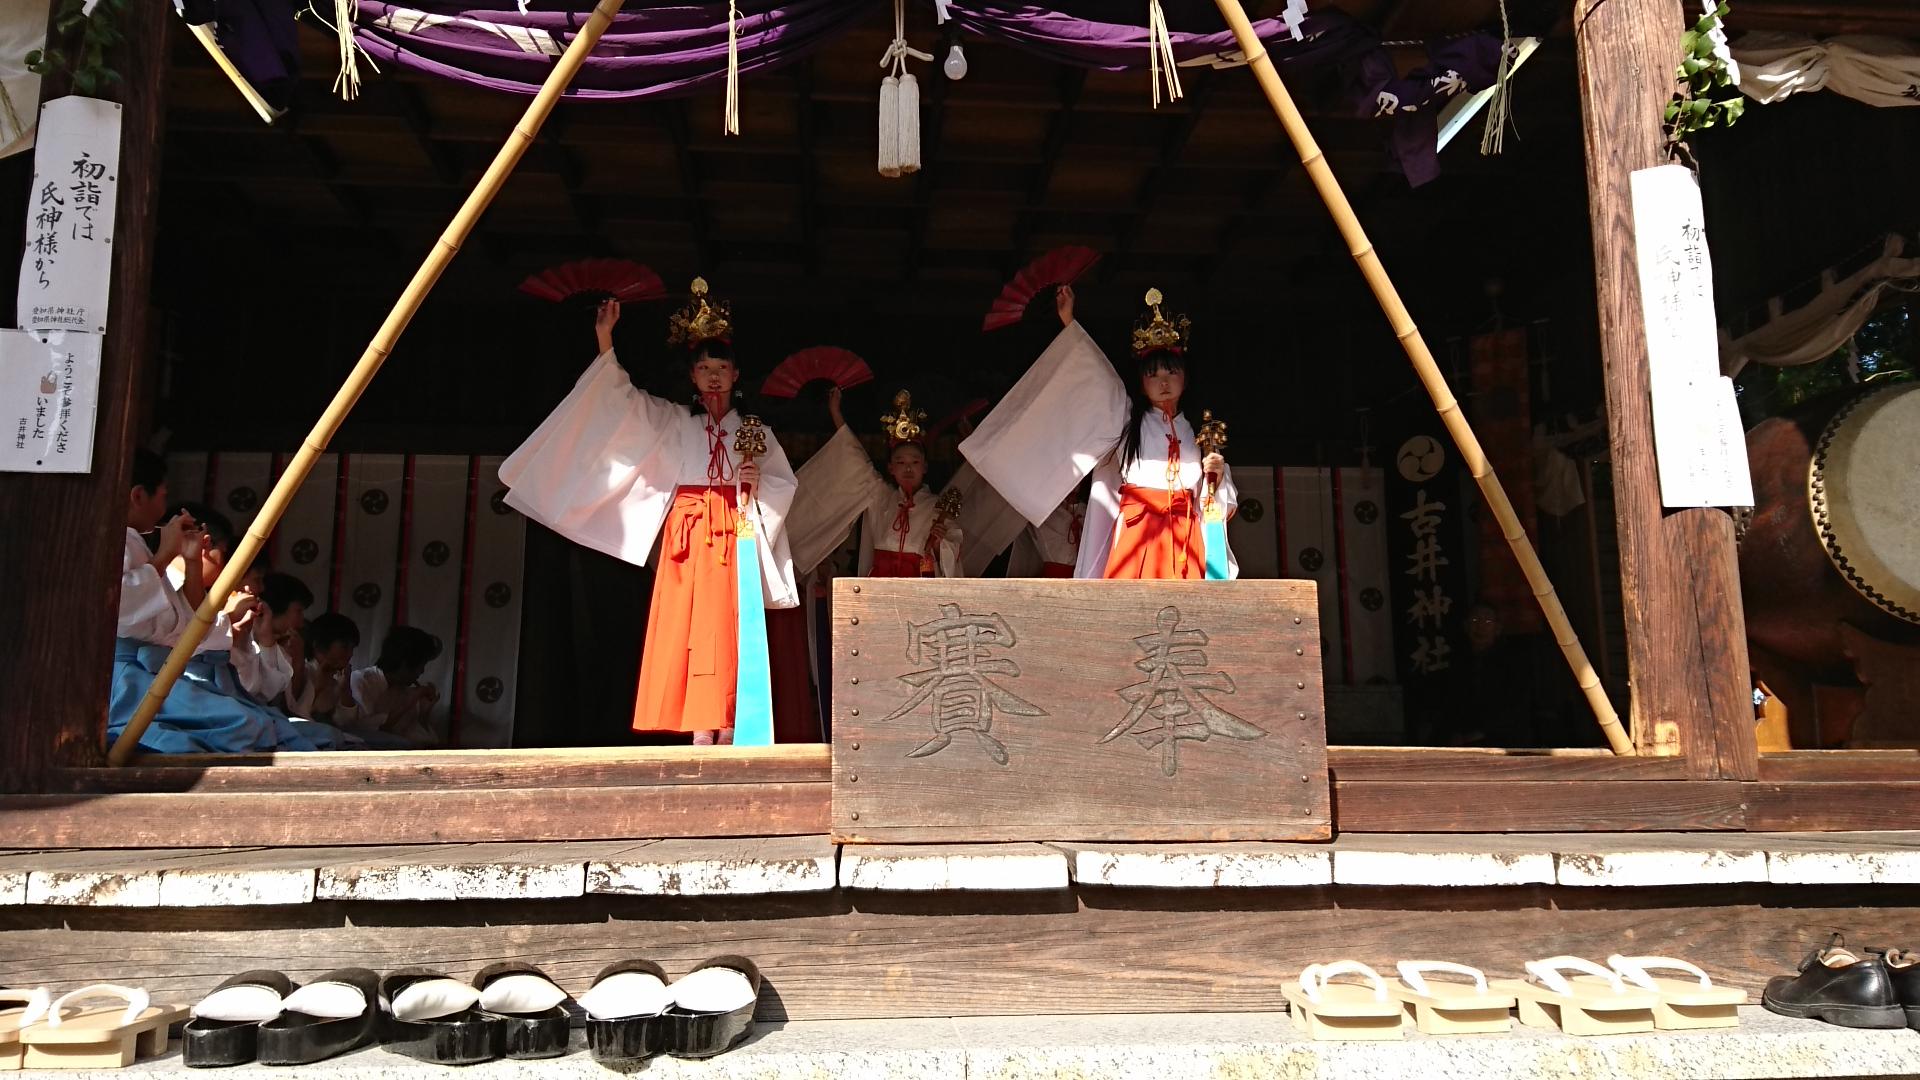 2016.11.6 古井神社大祭 (2)